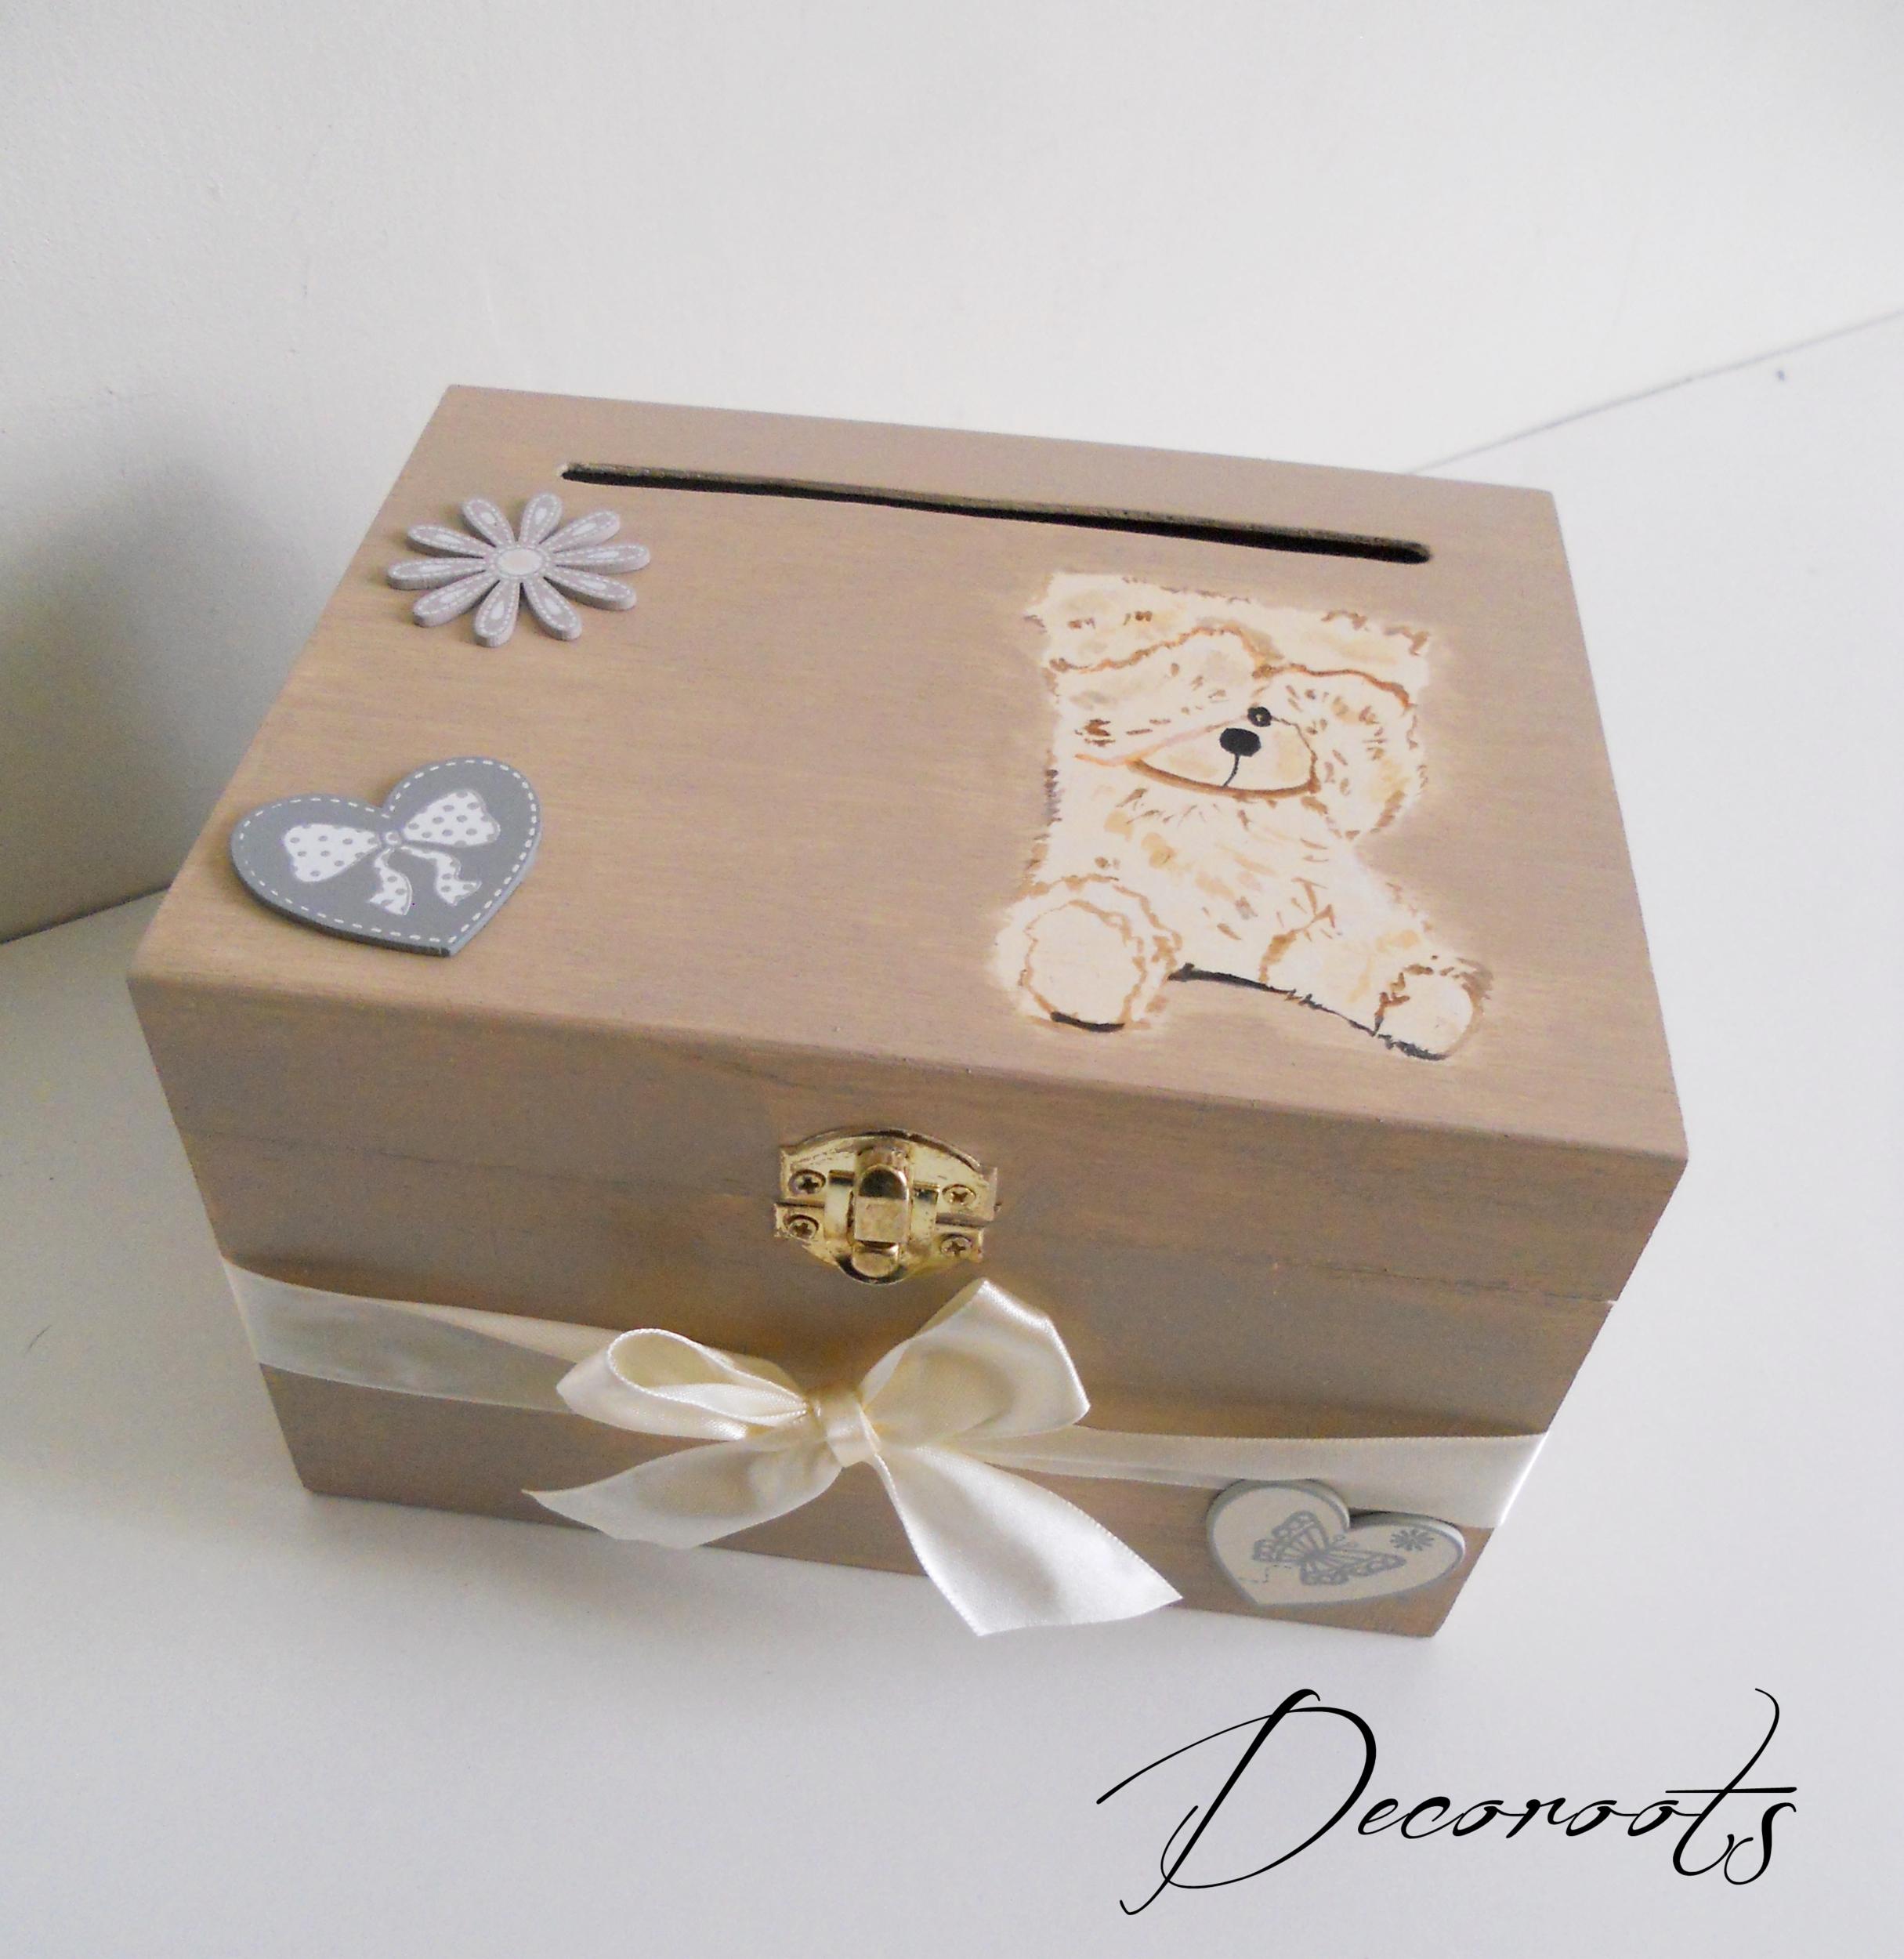 urne bapt me communion ours cadeaux de naissance cadeaux de naissance bapt me fille decoroots. Black Bedroom Furniture Sets. Home Design Ideas